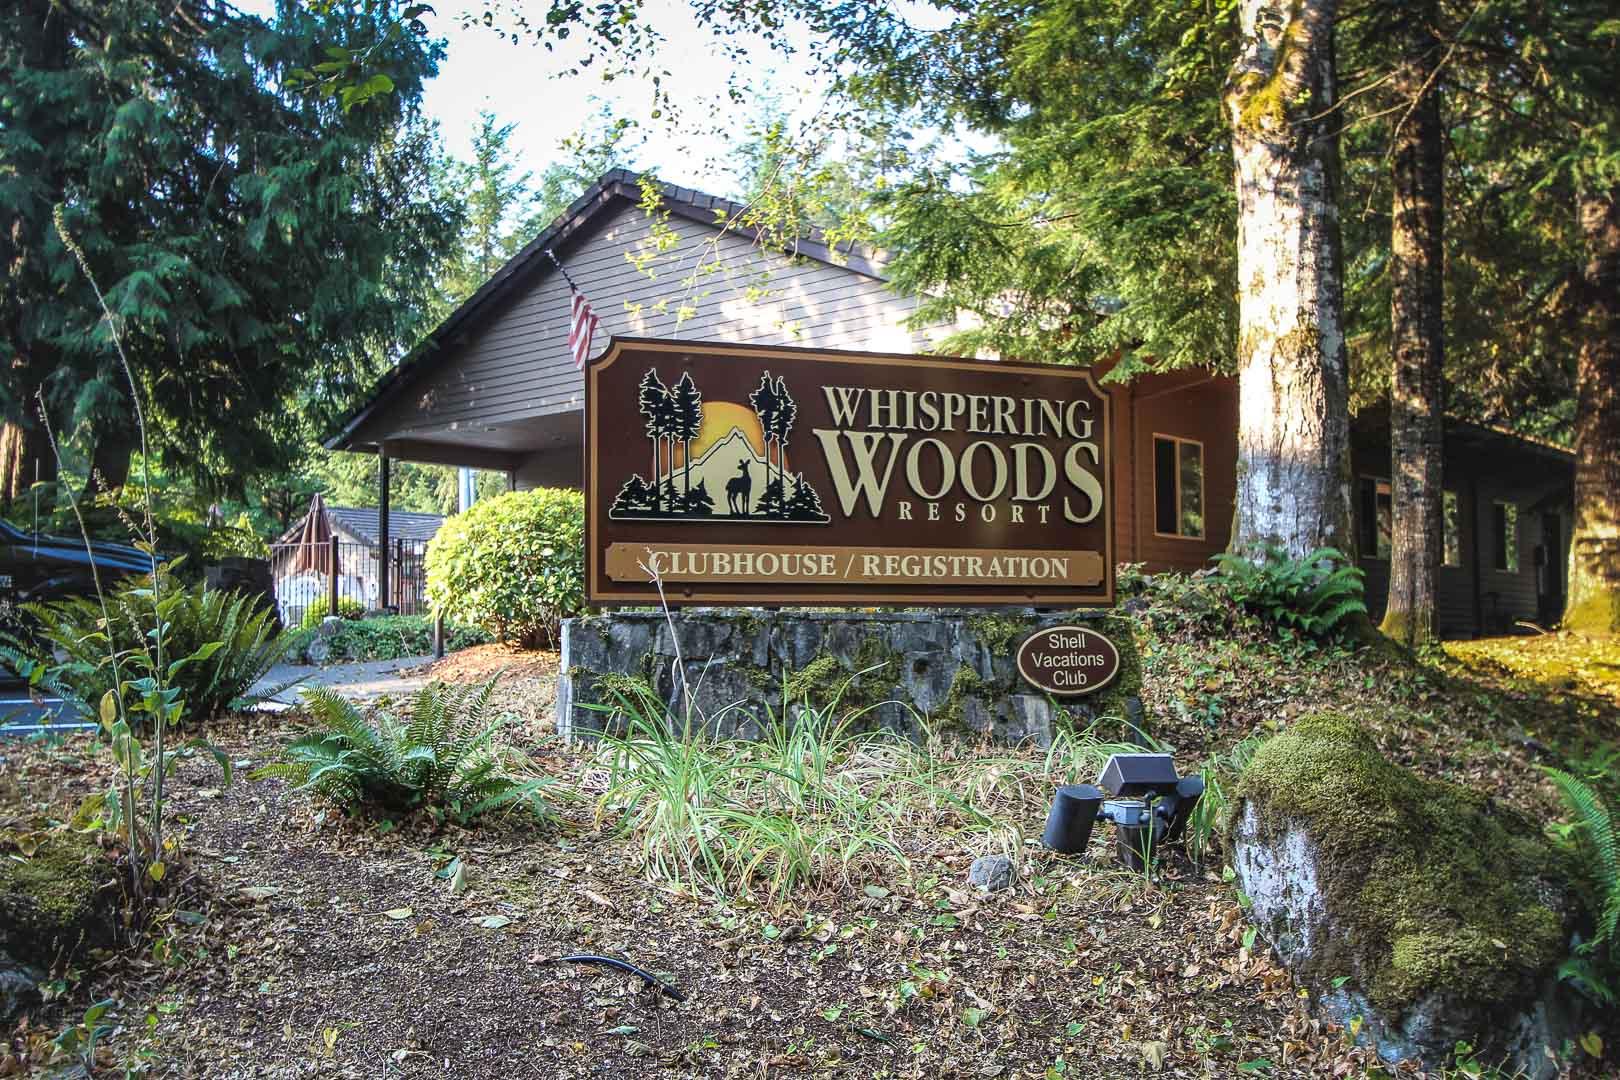 Whispering Woods- Signage